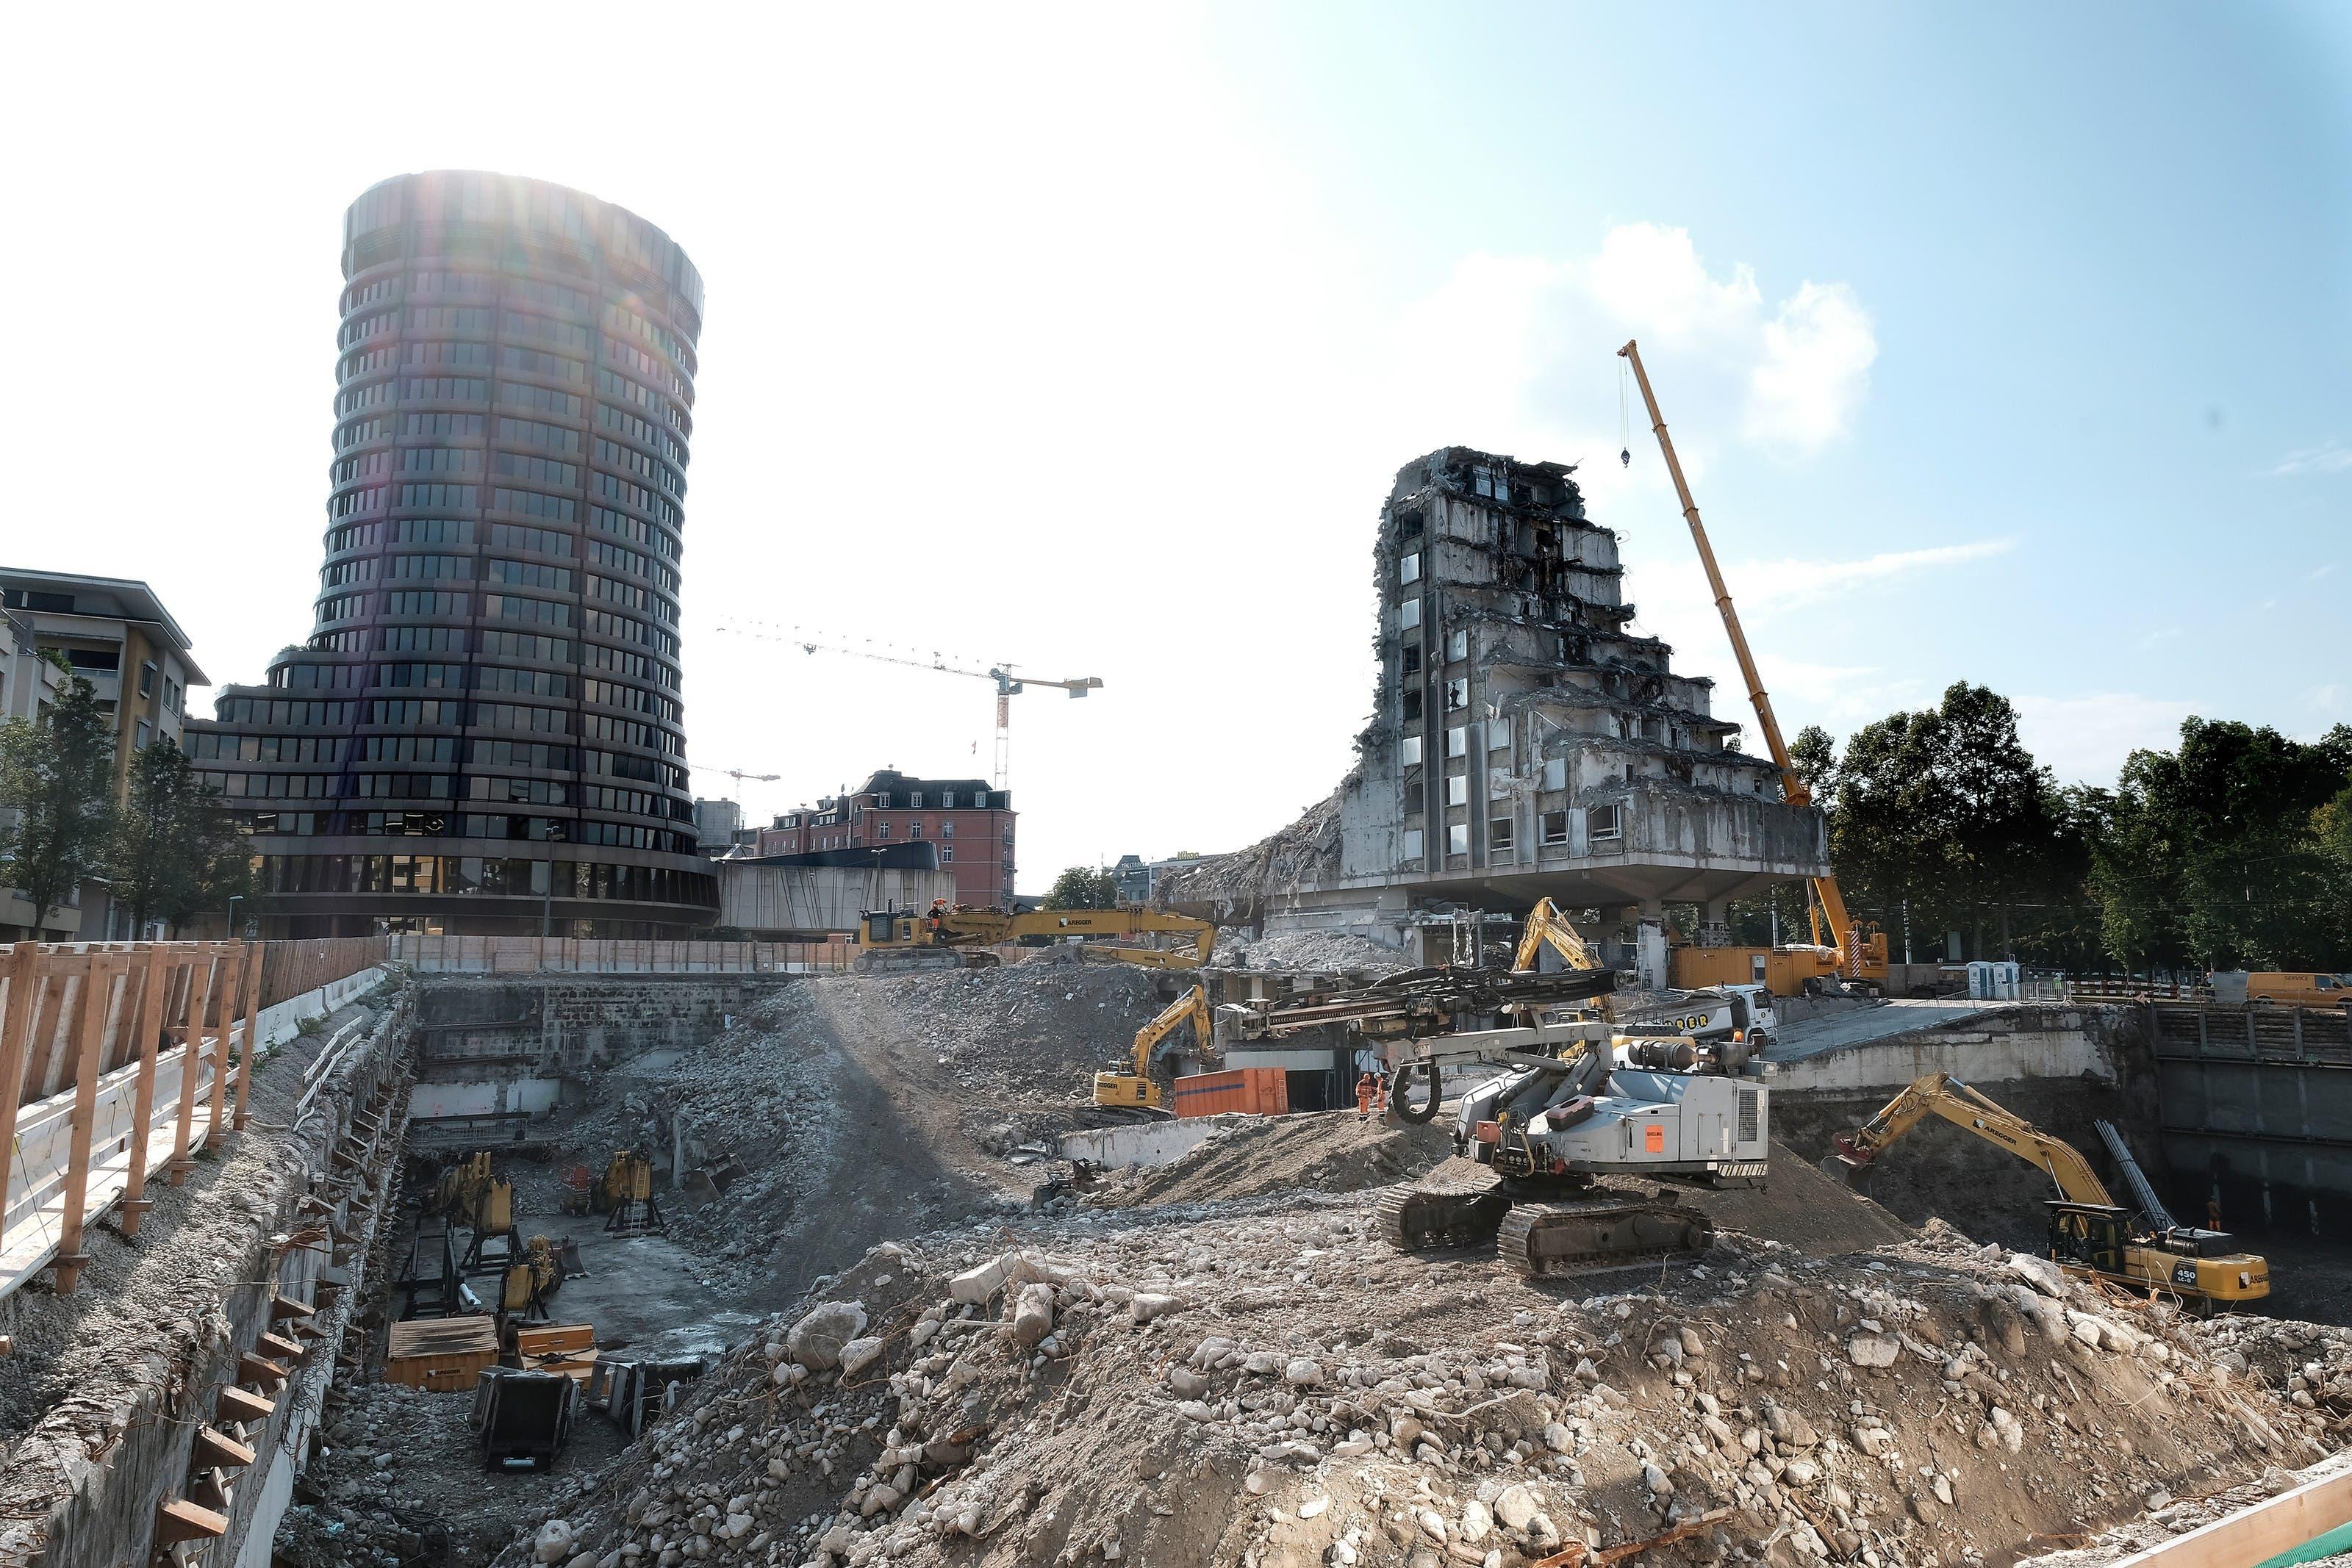 Erinnert an Krieg: Letzte Abbruchphase des Hilton am Bahnhof am 19. September. Heute ist das Hotel Geschichte.